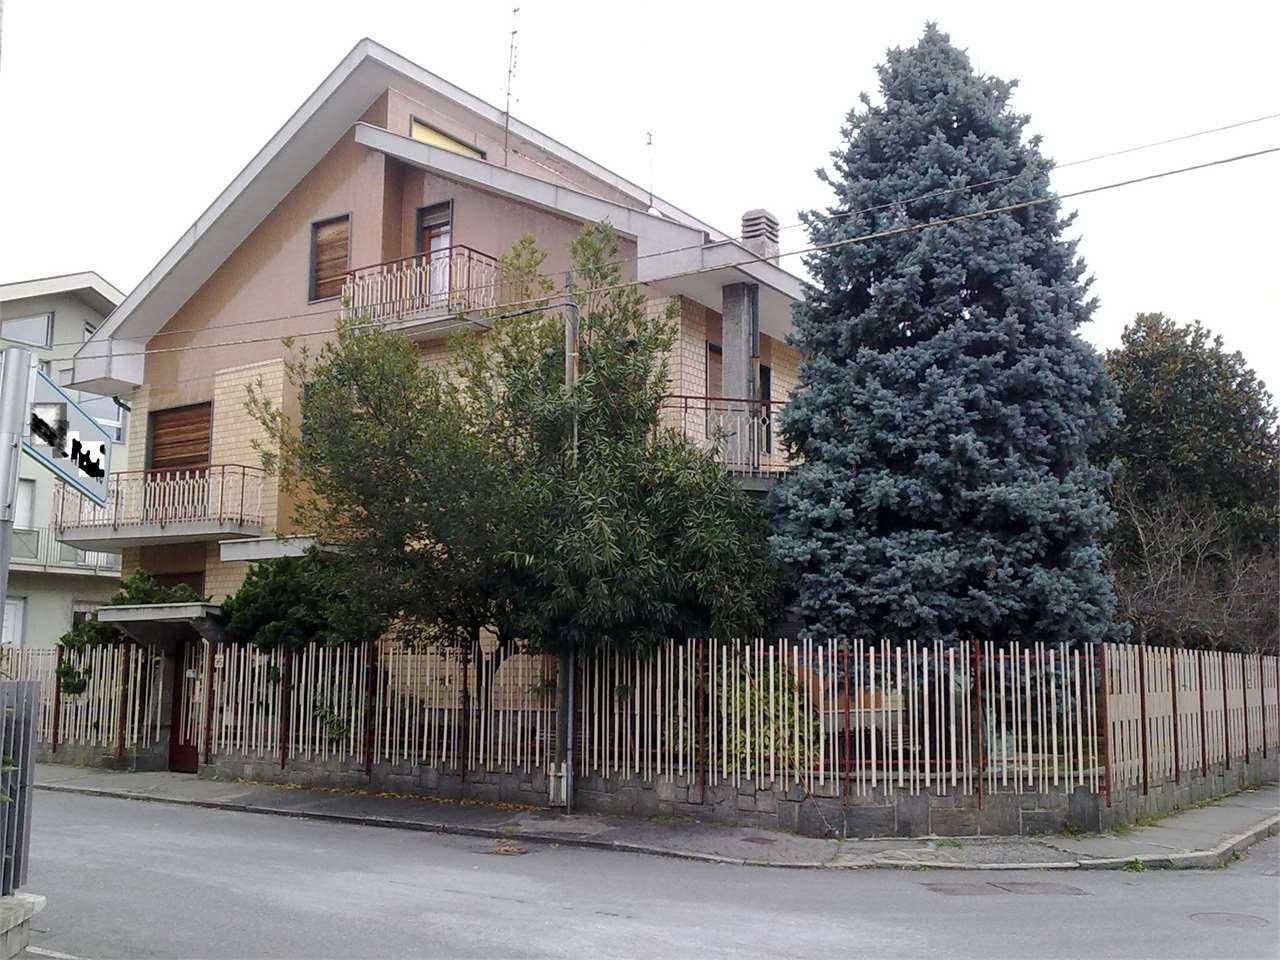 Villa in vendita a Collegno, 12 locali, zona Zona: Leumann-Terracorta, prezzo € 780.000 | Cambio Casa.it